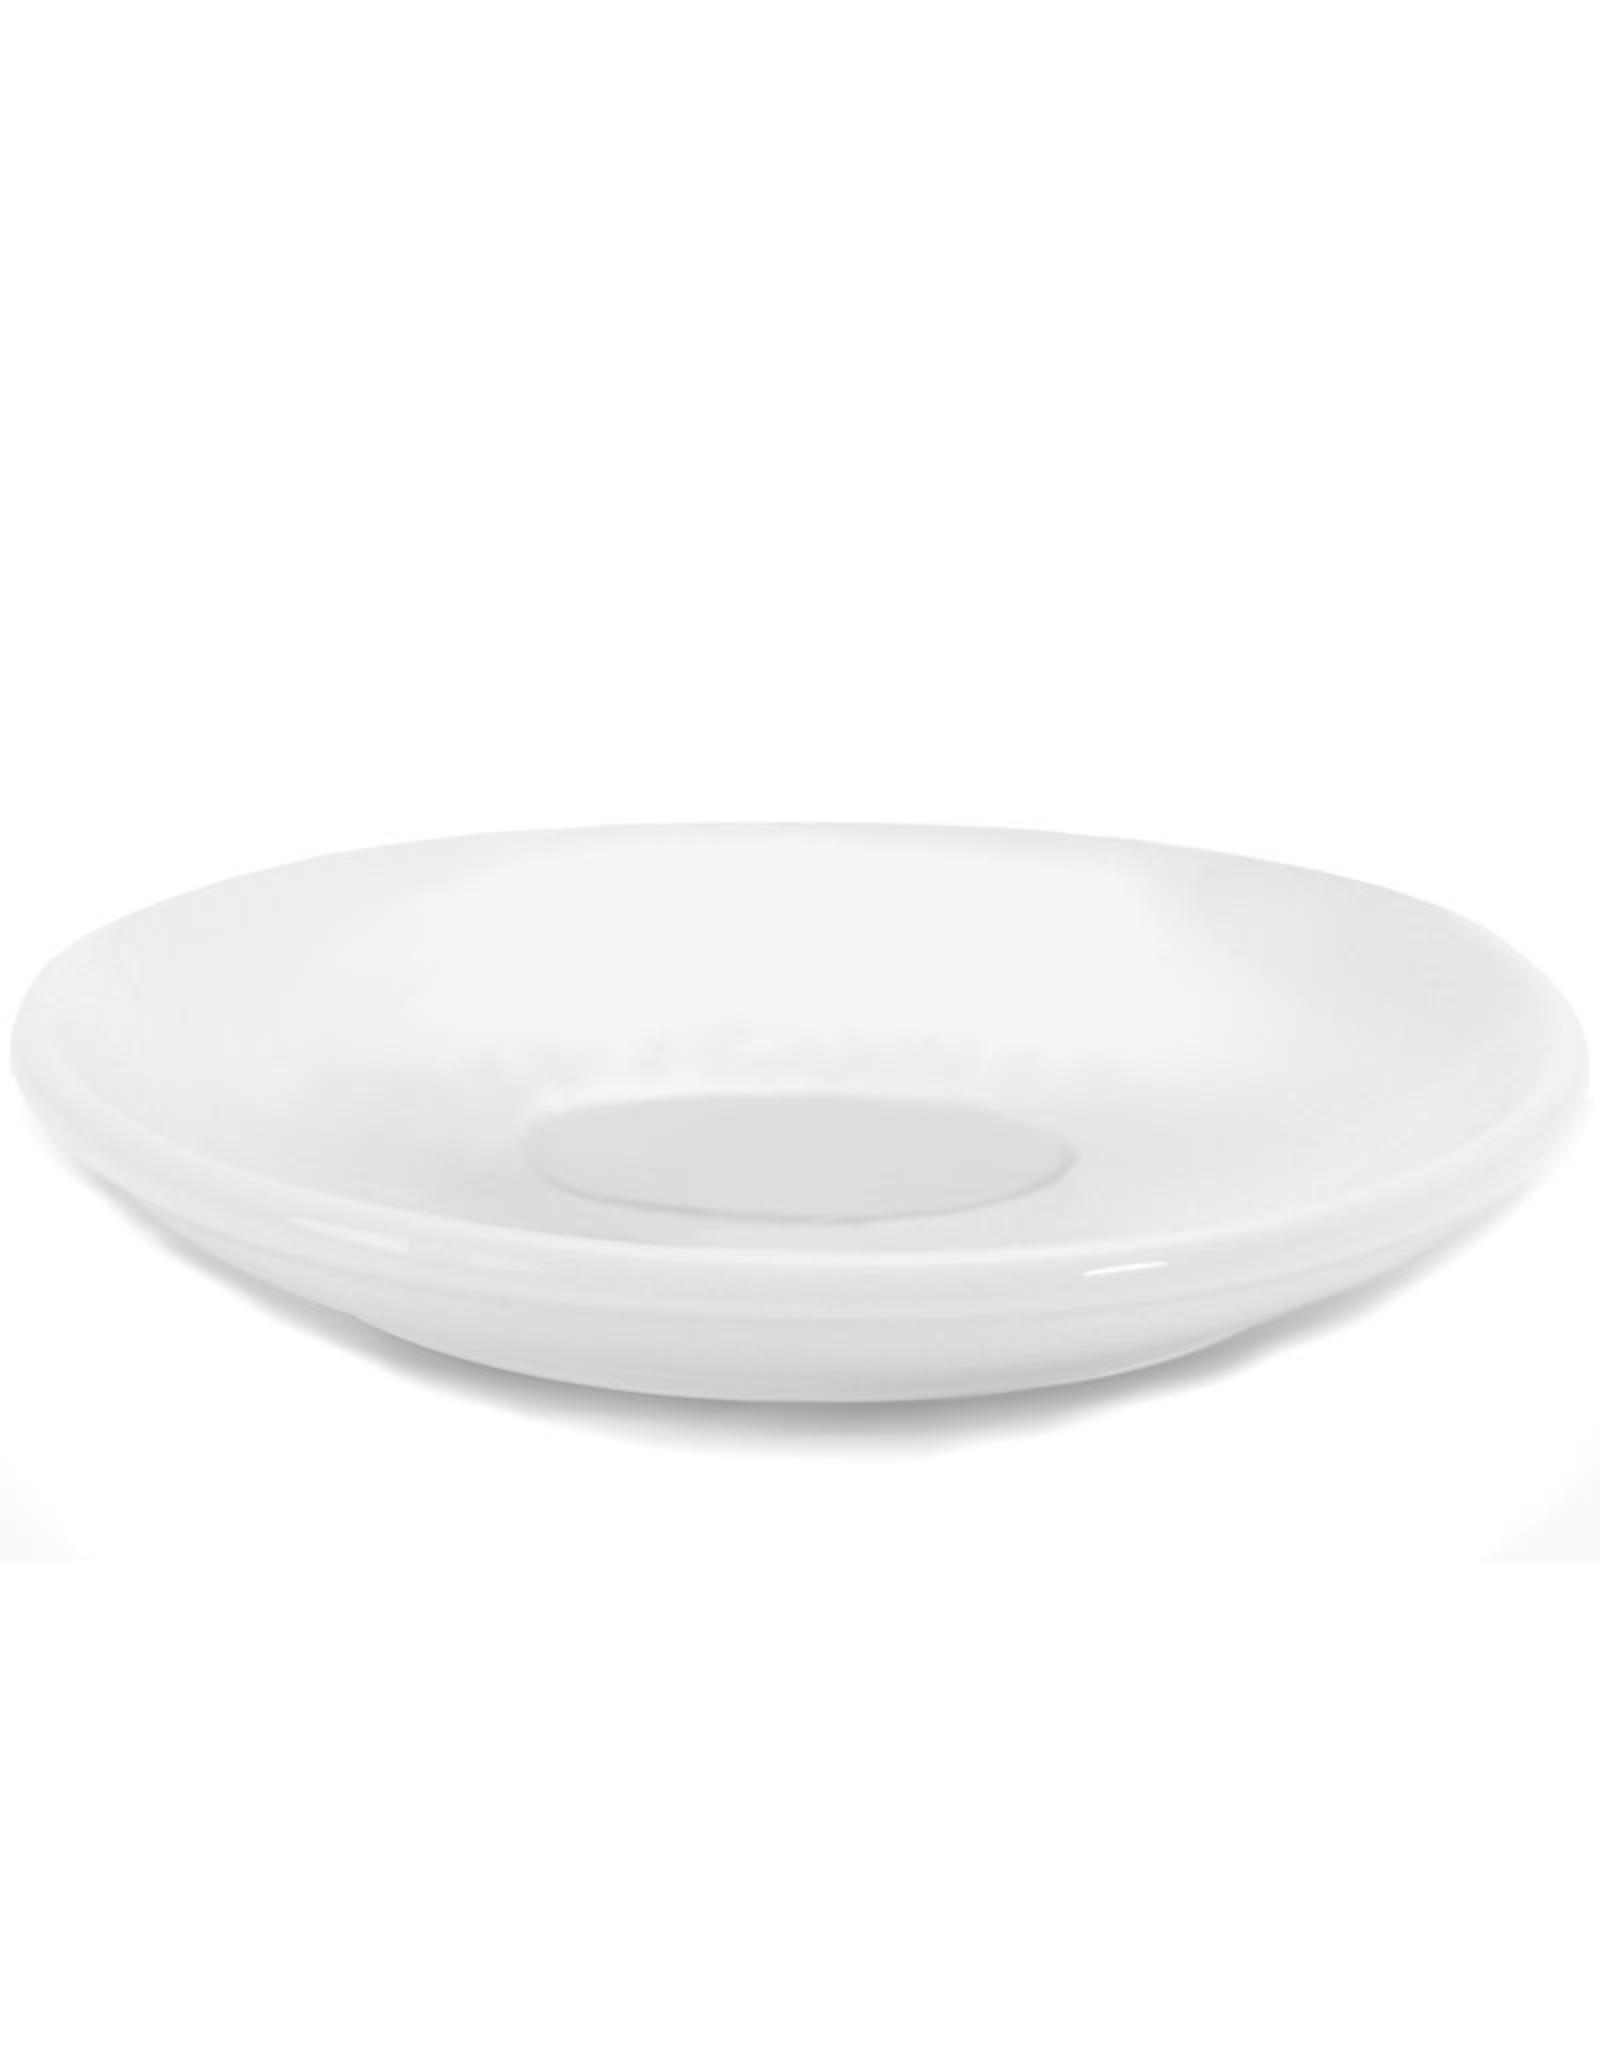 Danesco Danesco - Cappucino Saucer - White